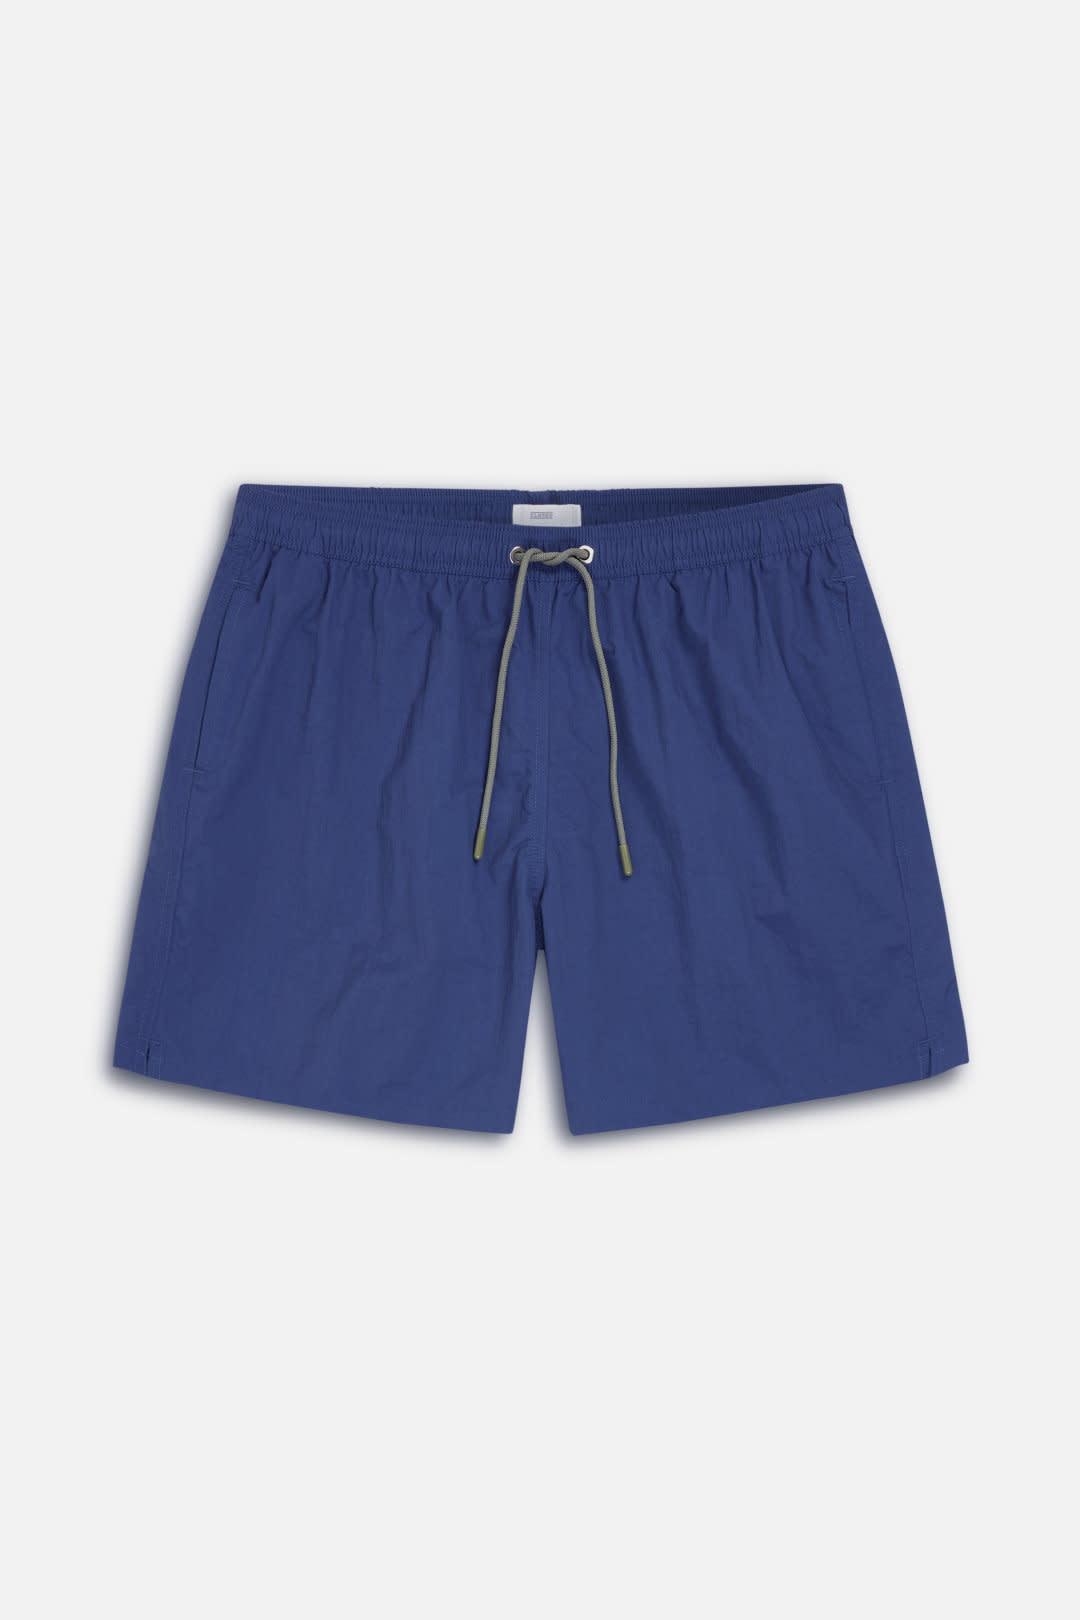 Swim short lapis-5